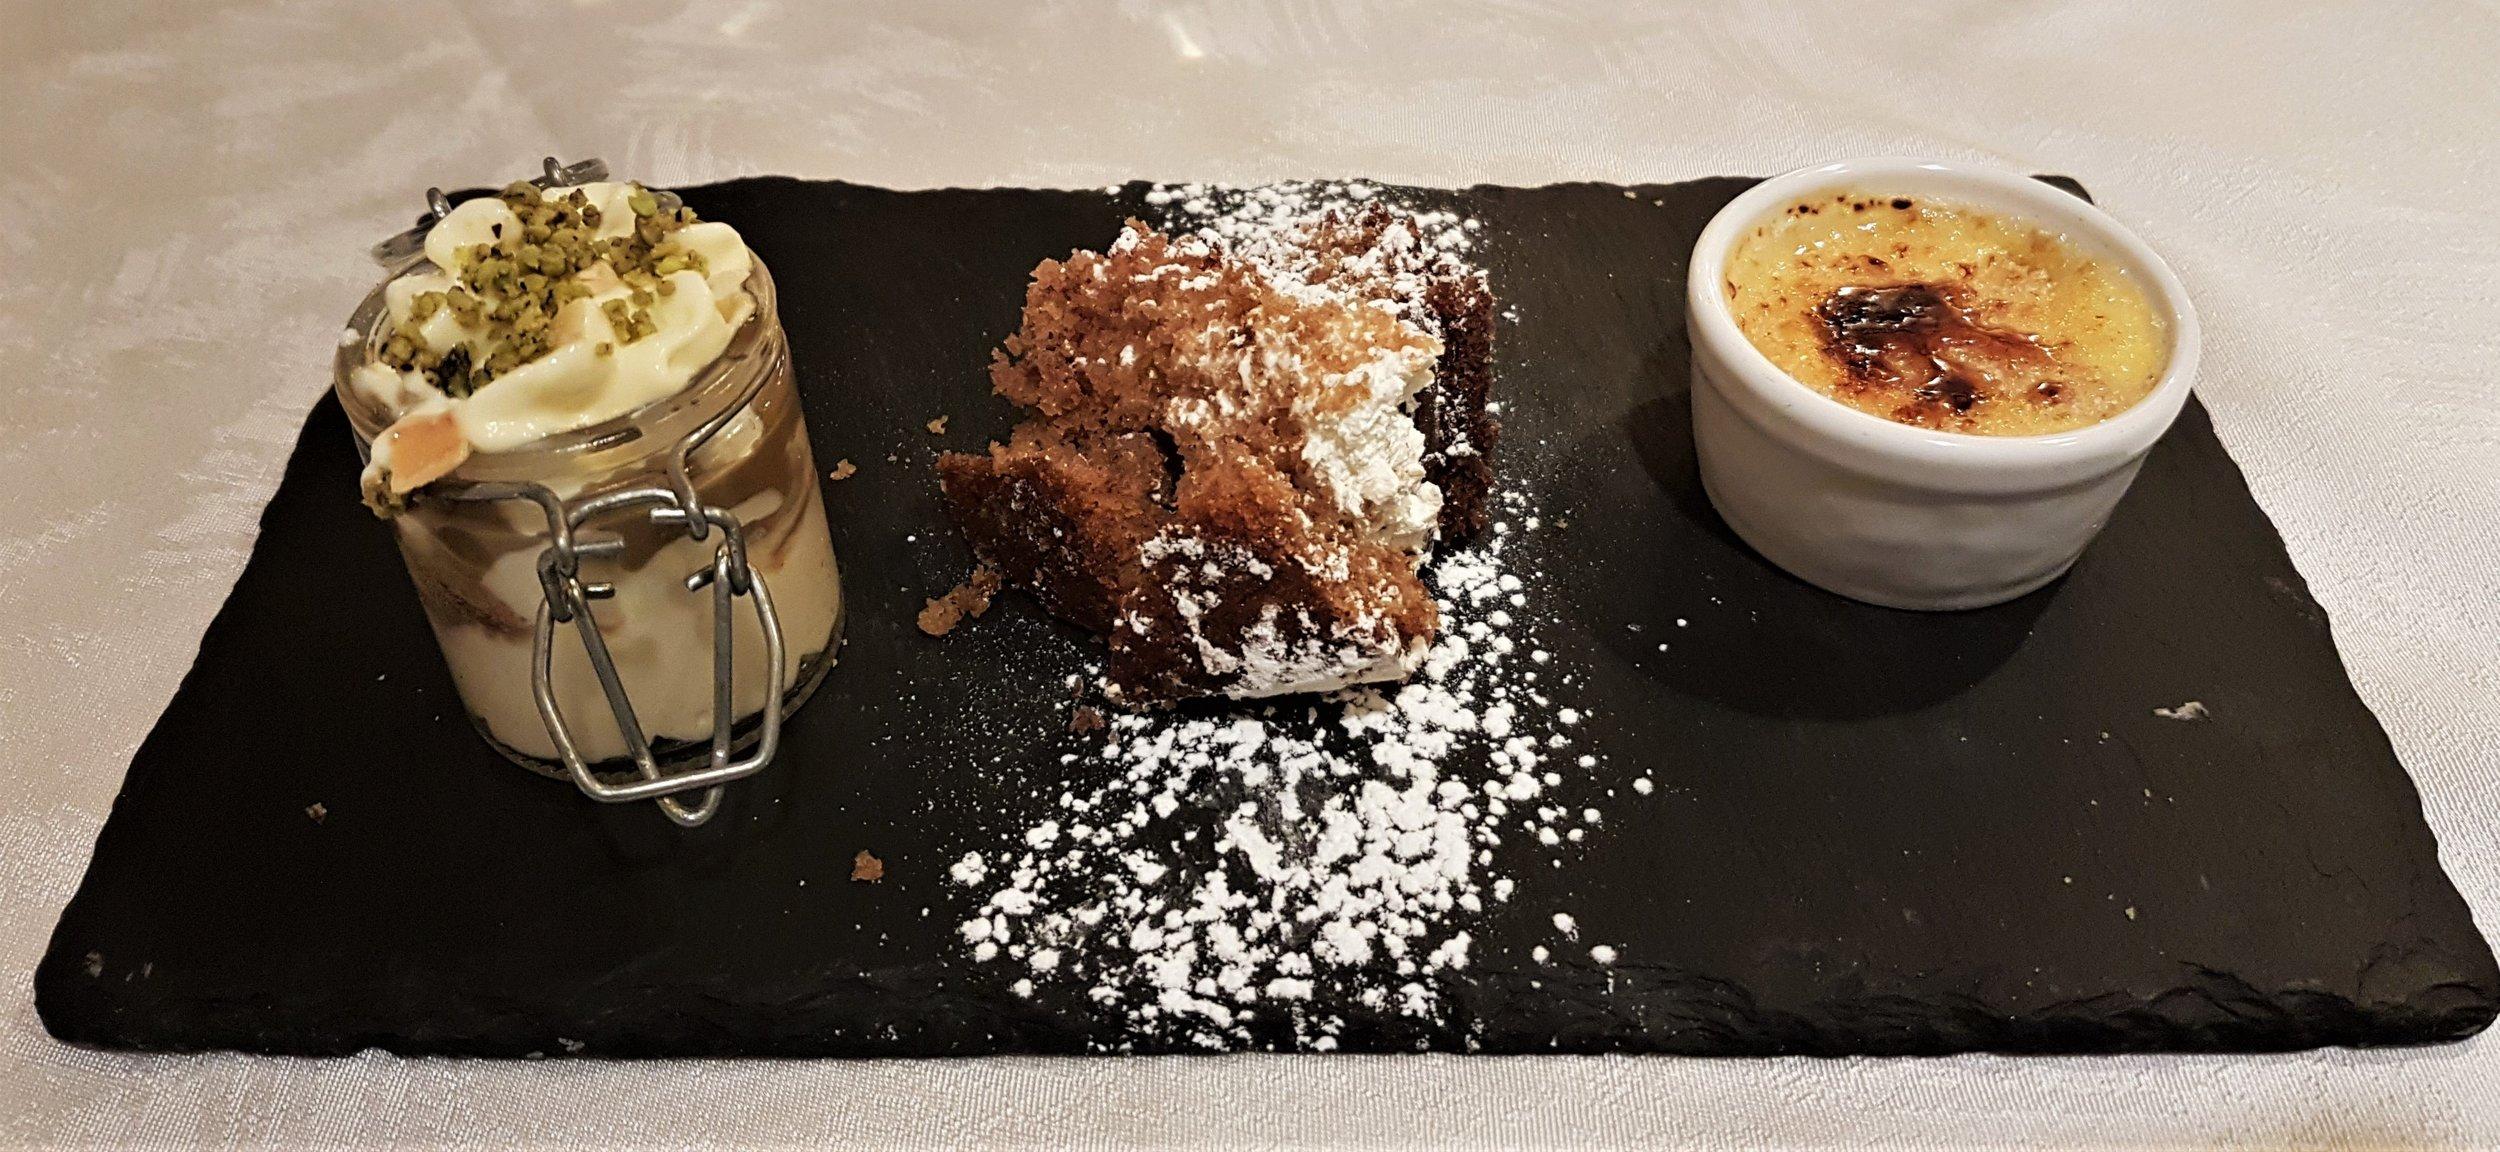 Buonissimi anche i dessert!